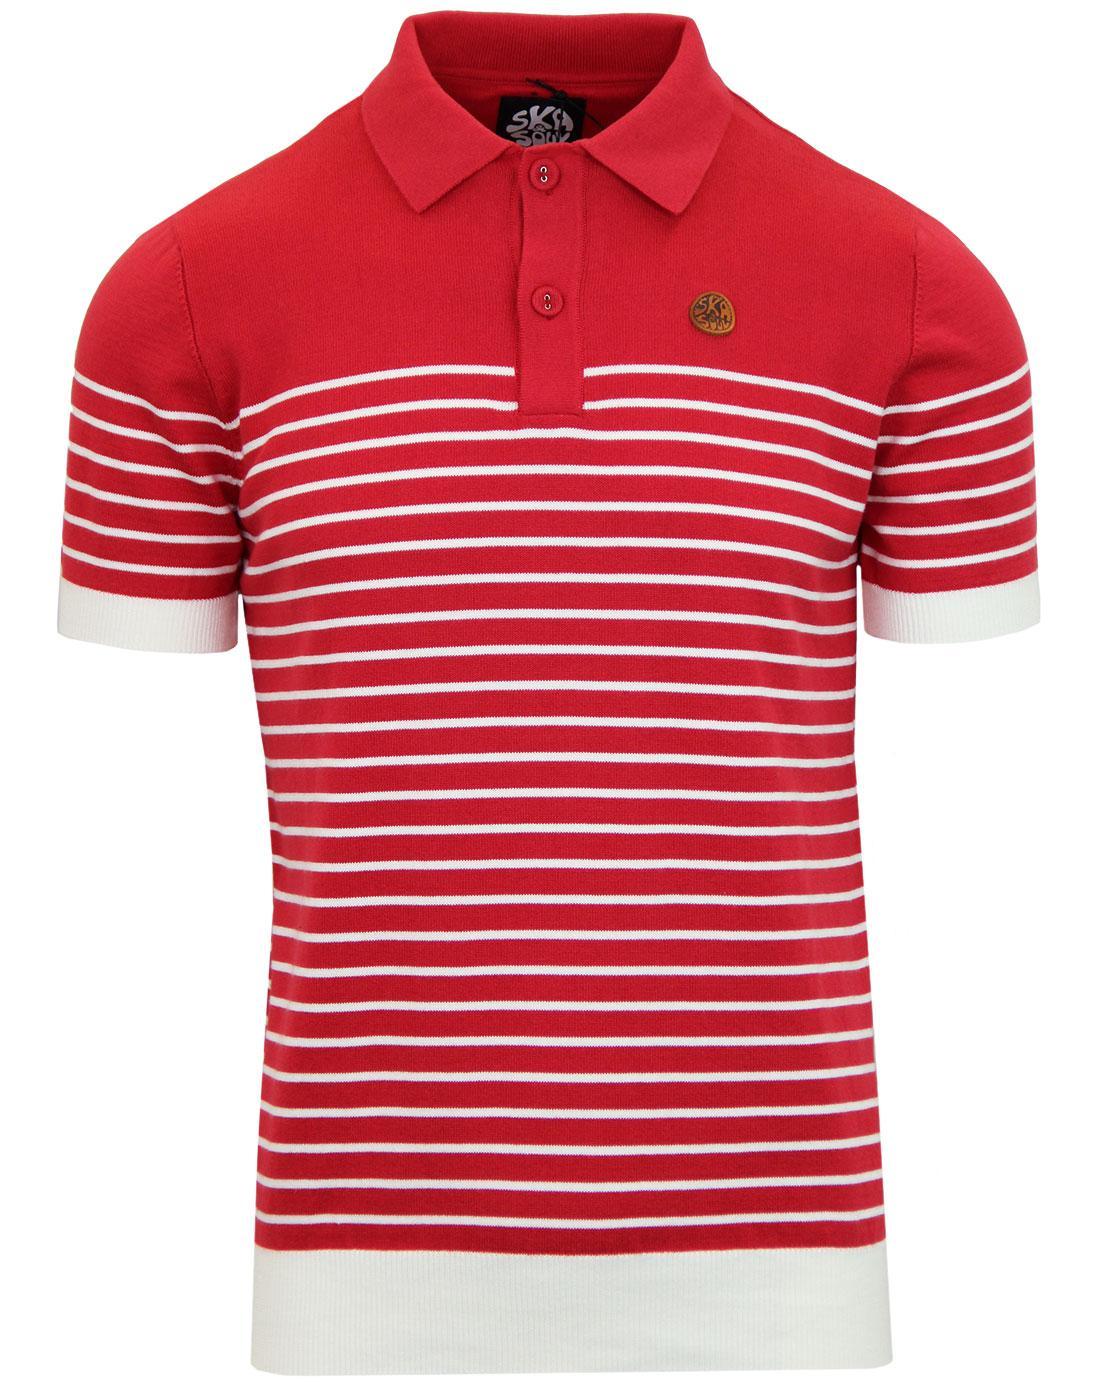 SKA & SOUL Retro Mod Breton Stripe Knit Polo Top R